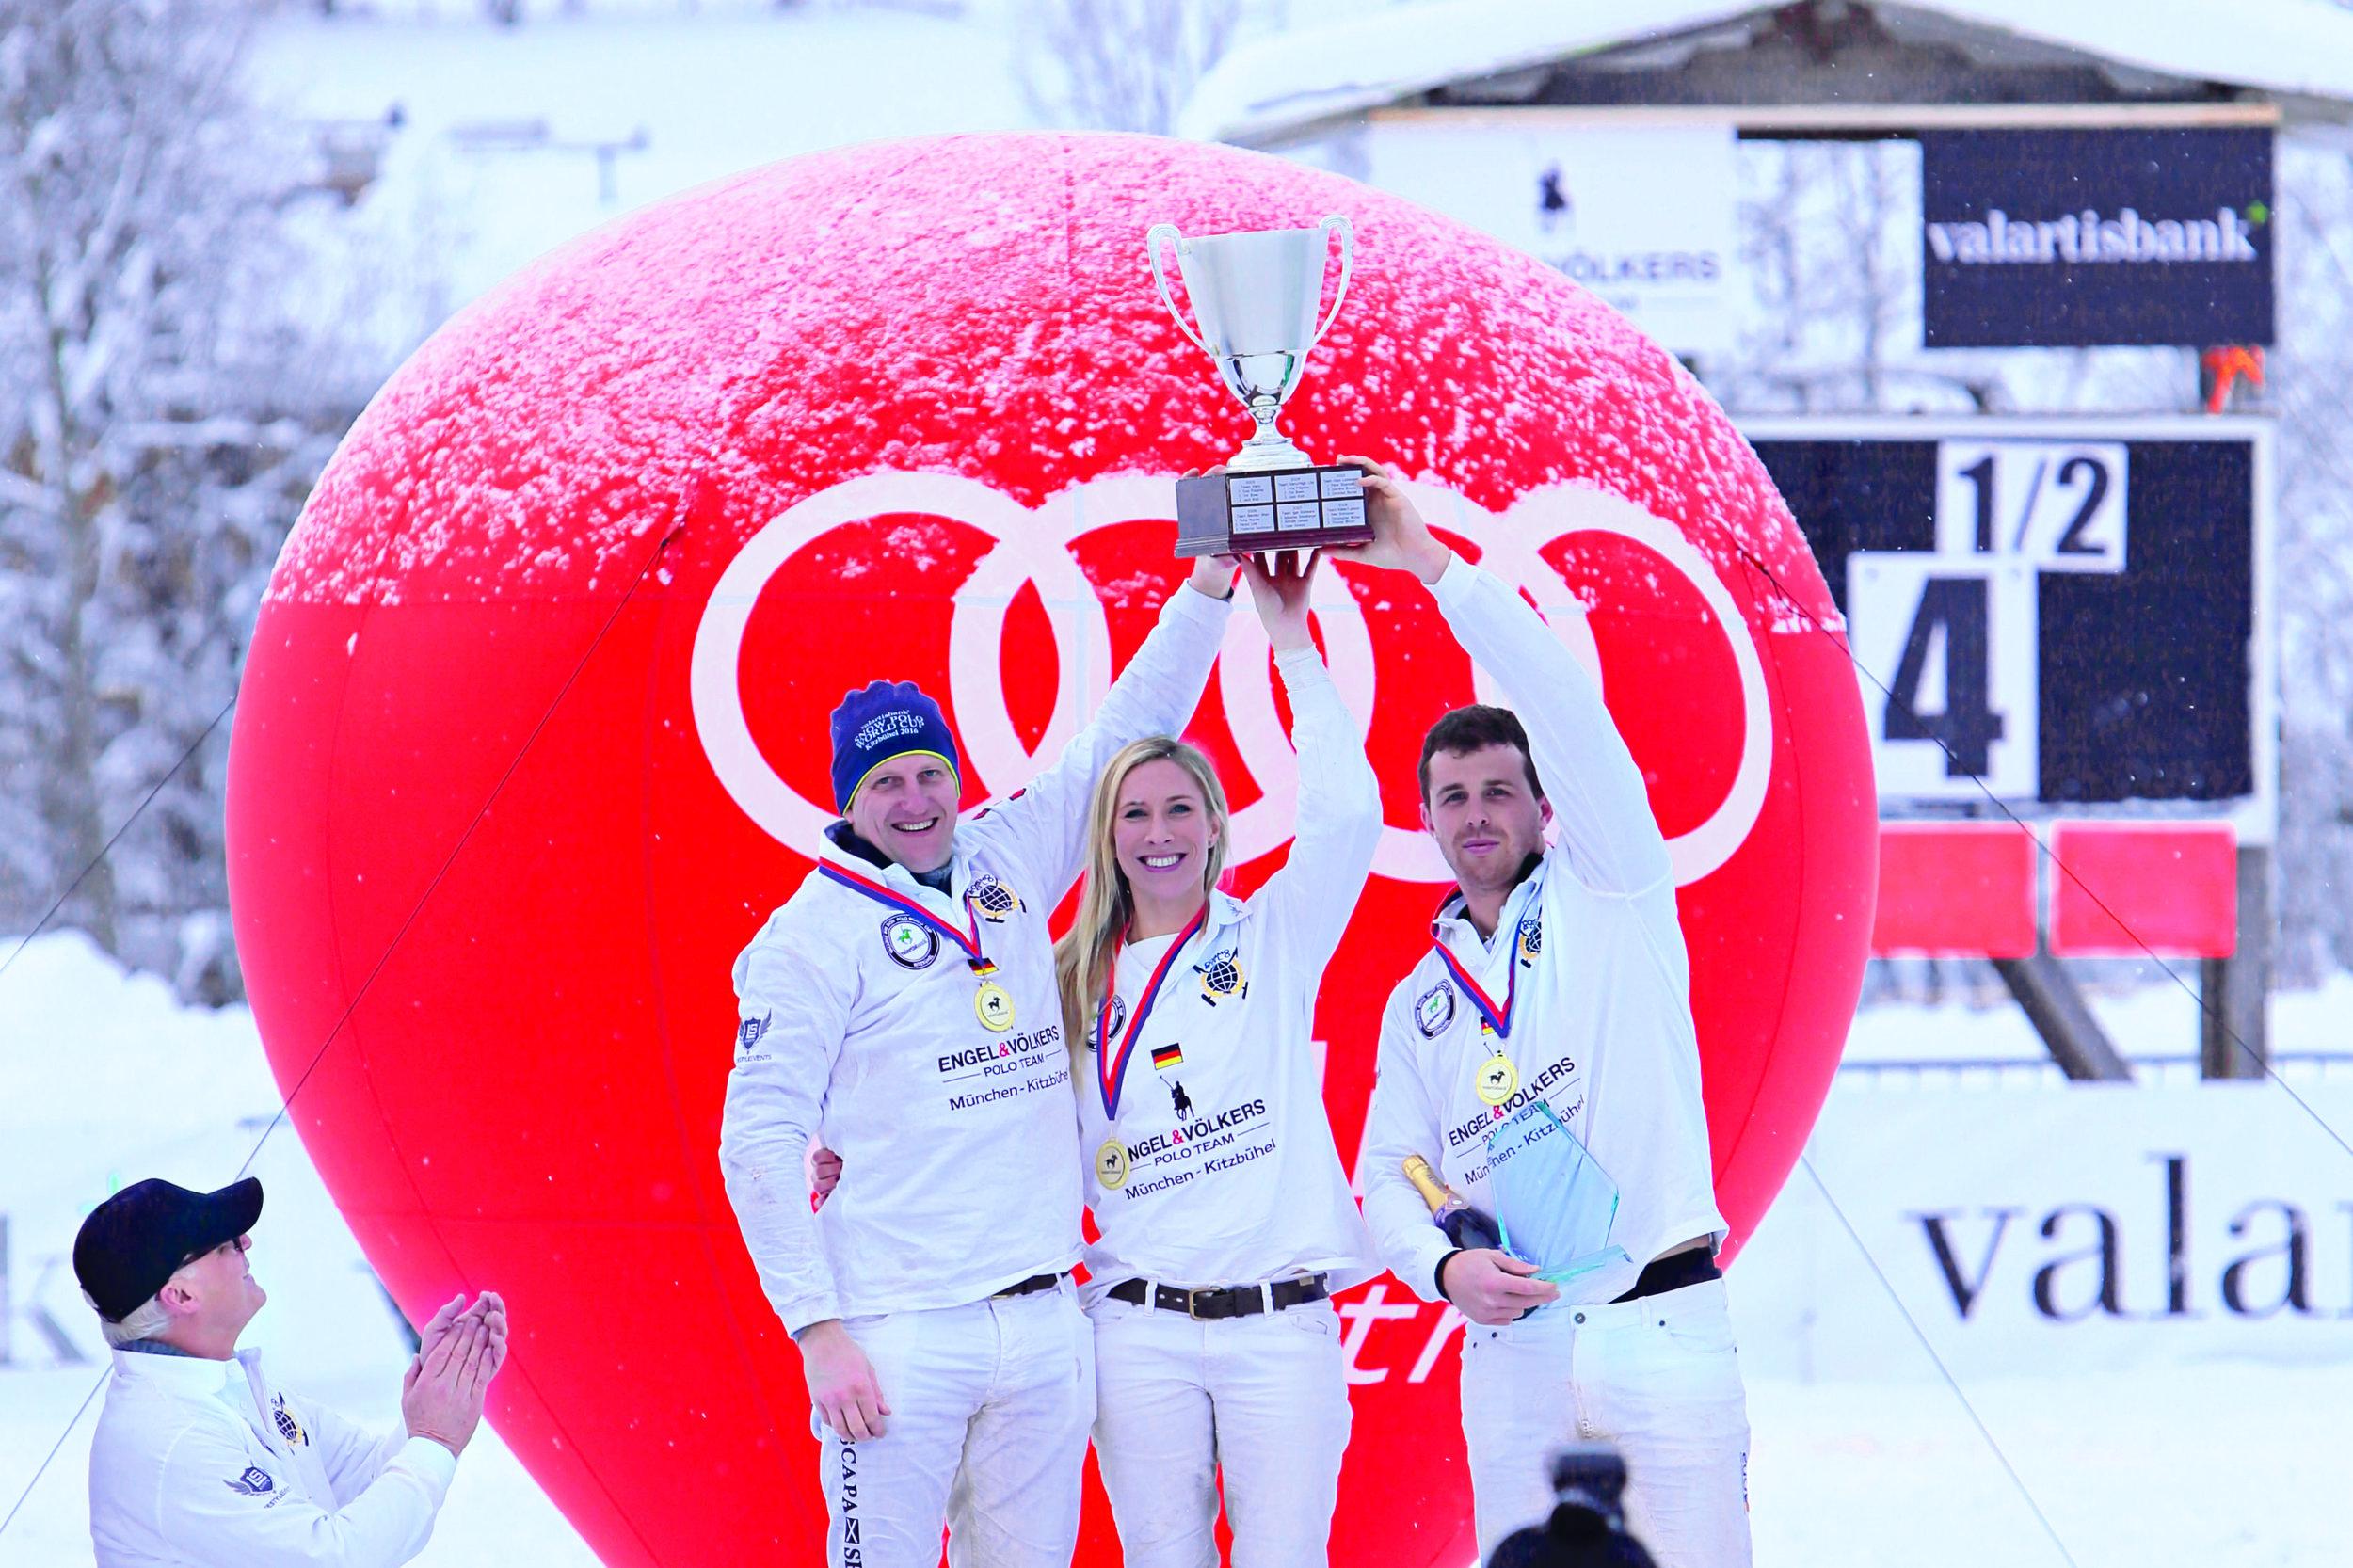 2016 Team Engel & Völkers  - Jonny Good (ENG), Katrina Thomas (ENG), Alec Banner-Eve (ENG)